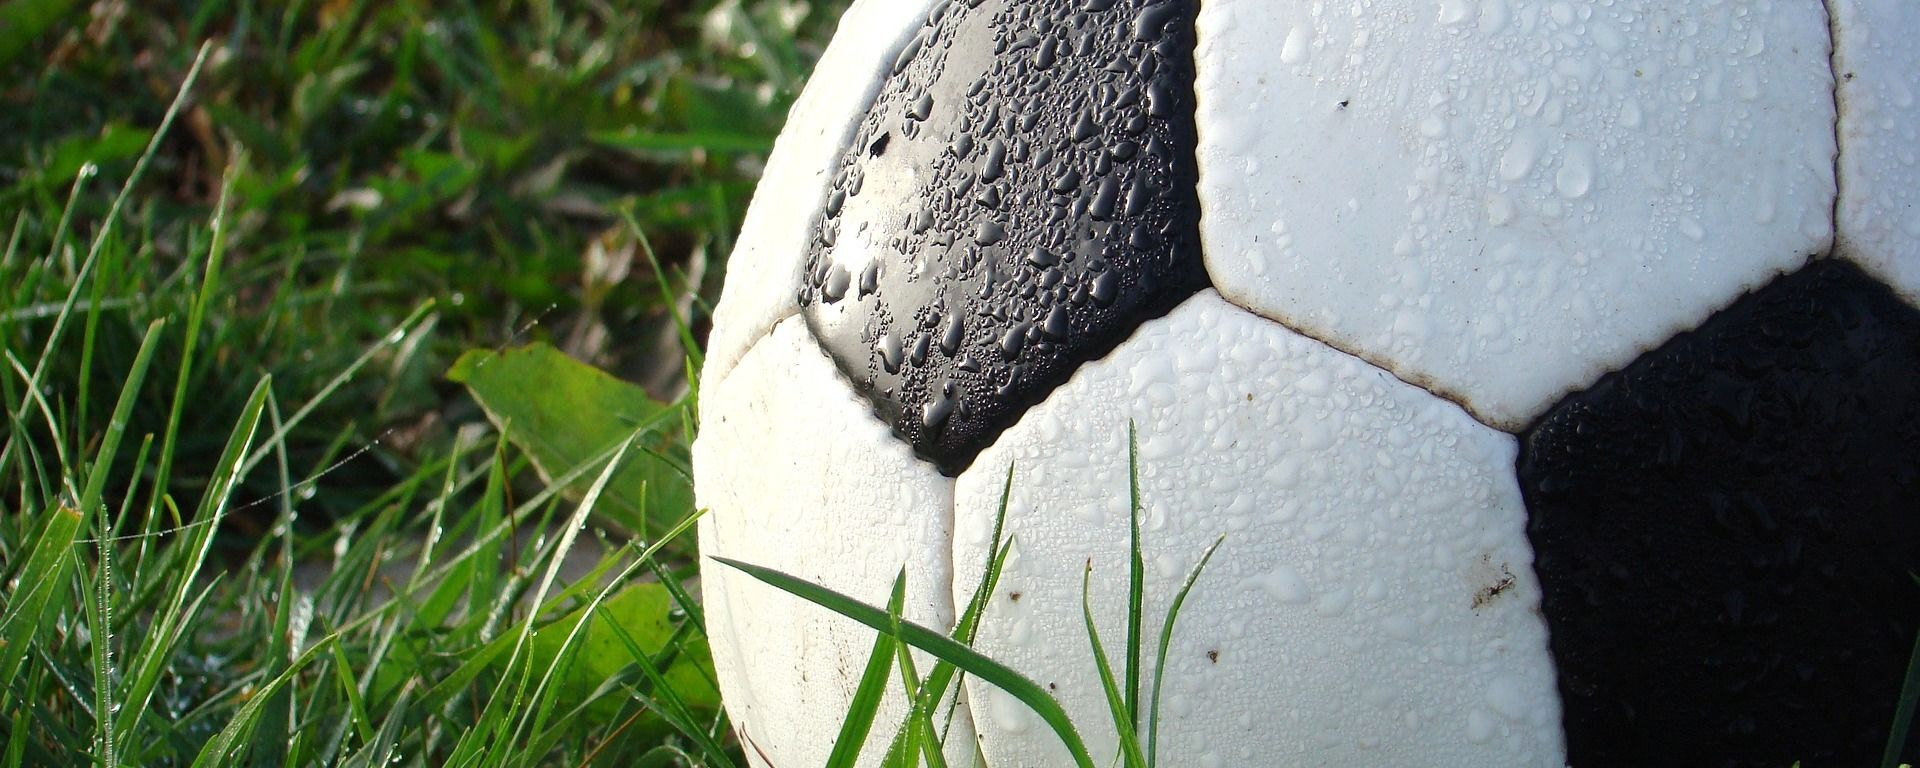 Un balón de fútbol  - Sputnik Mundo, 1920, 04.08.2021